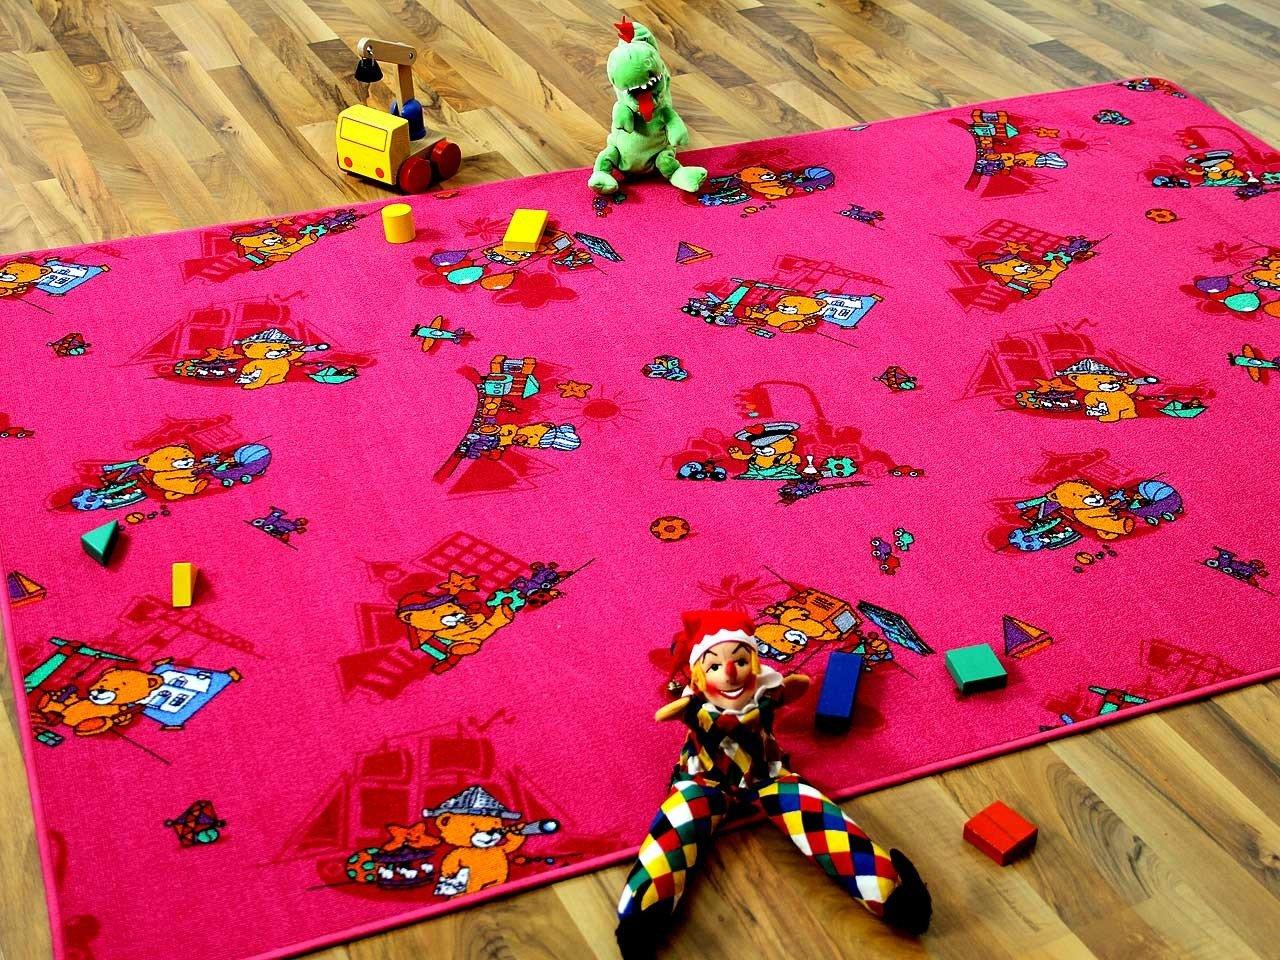 Kinder Spielteppich Bärenwelt Pink Rosa Gelb in 24 Größen